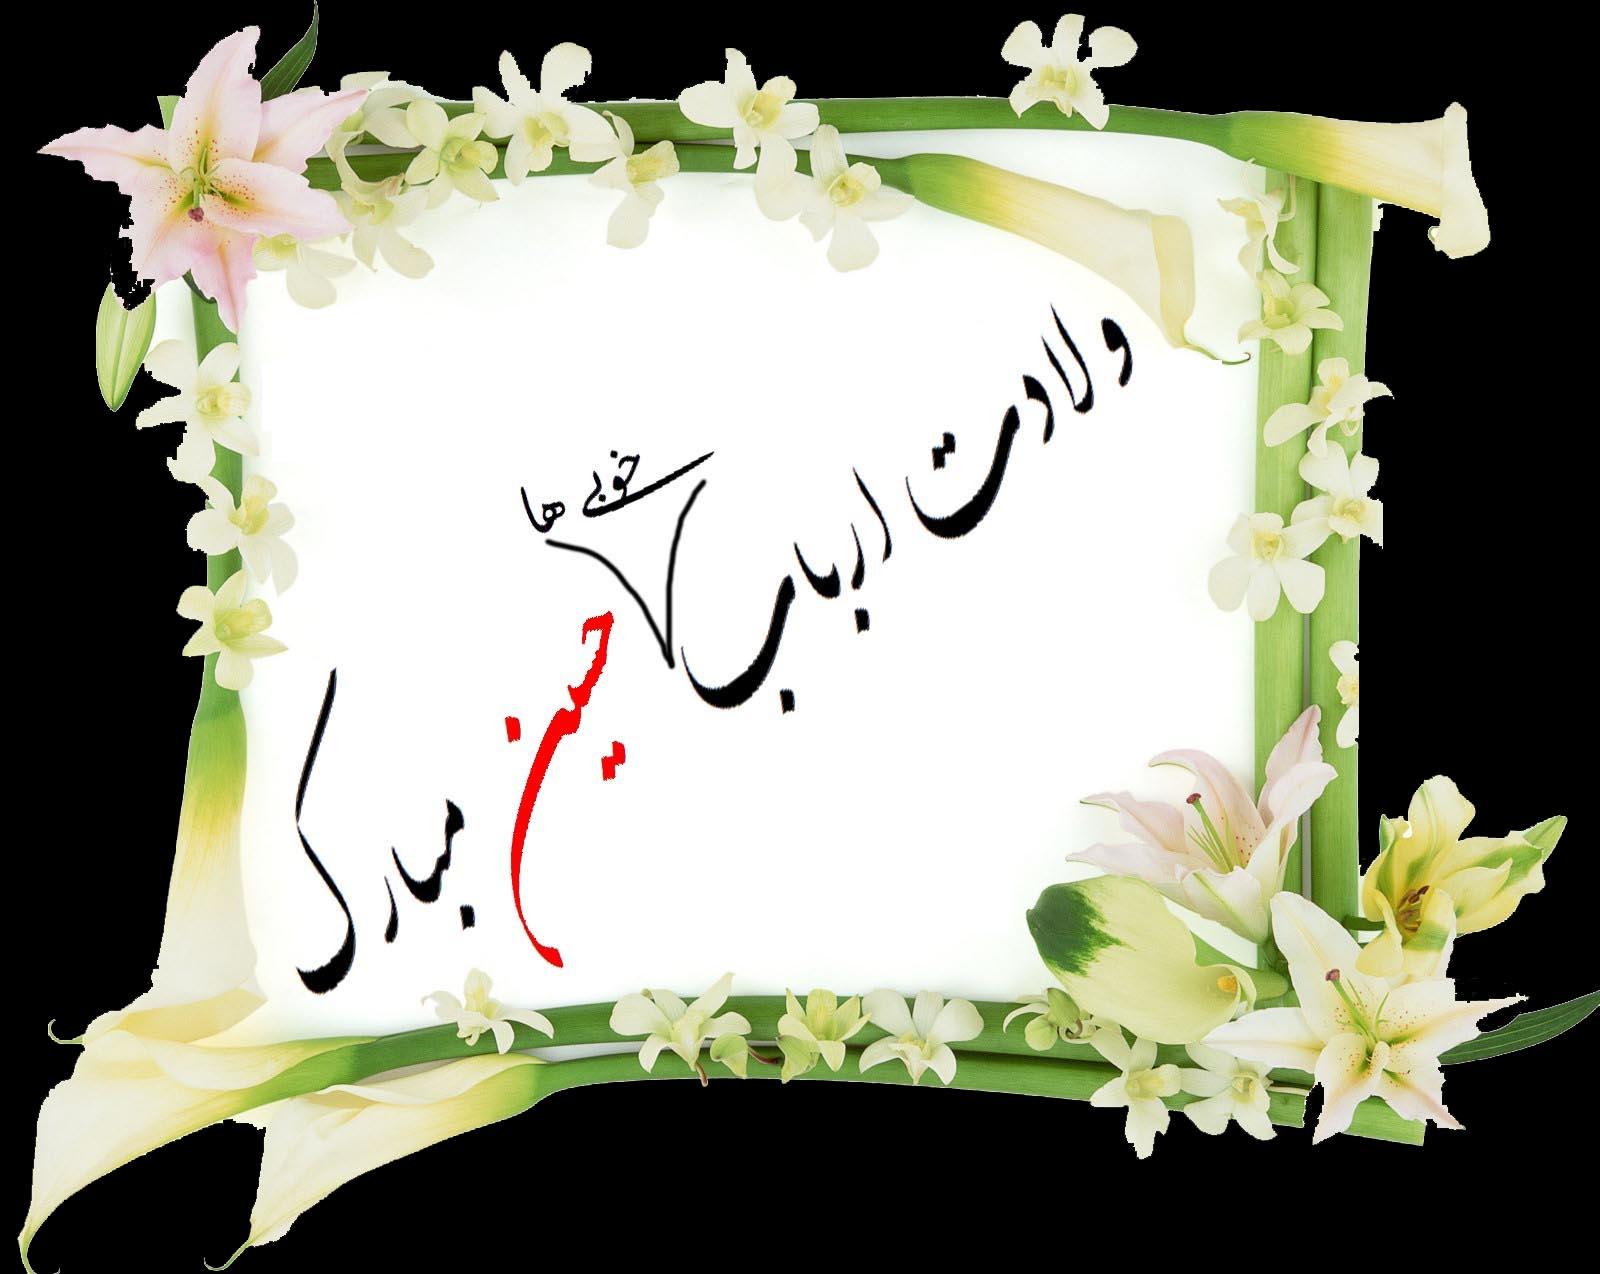 میلاد امام حسین (ع) مبارک